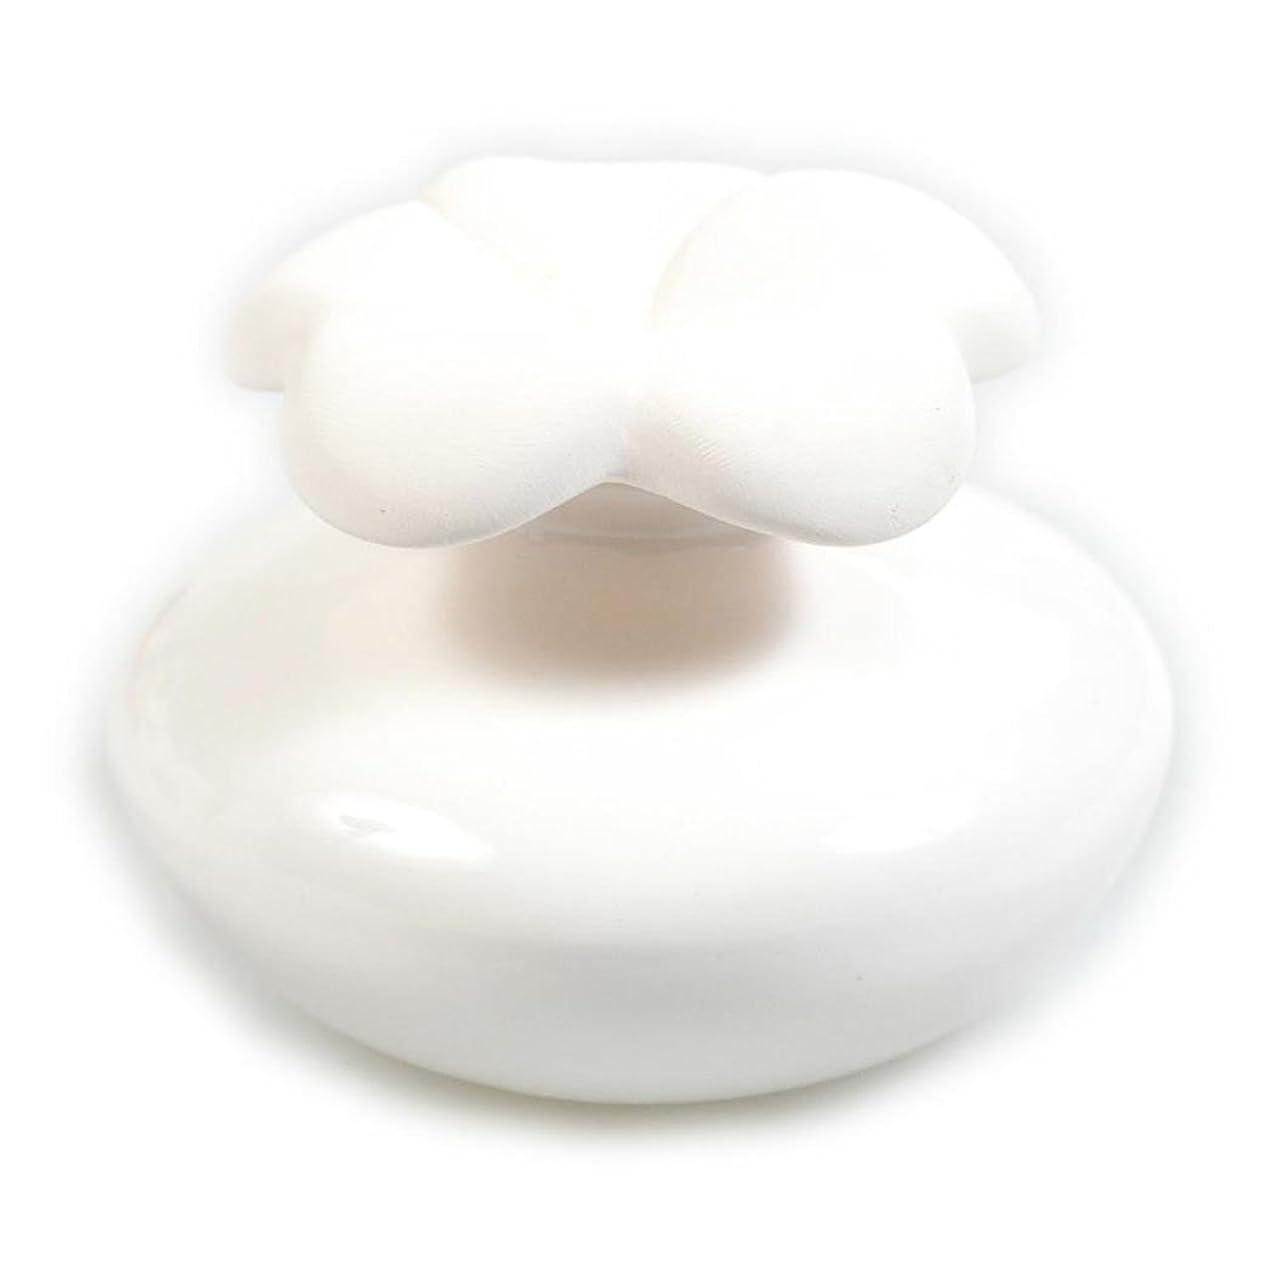 分解する巨人ミルクMillefiori FIORE ルームフレグランス用 花の形のセラミックディフューザー Sサイズ ホワイト LDIF-FS-001